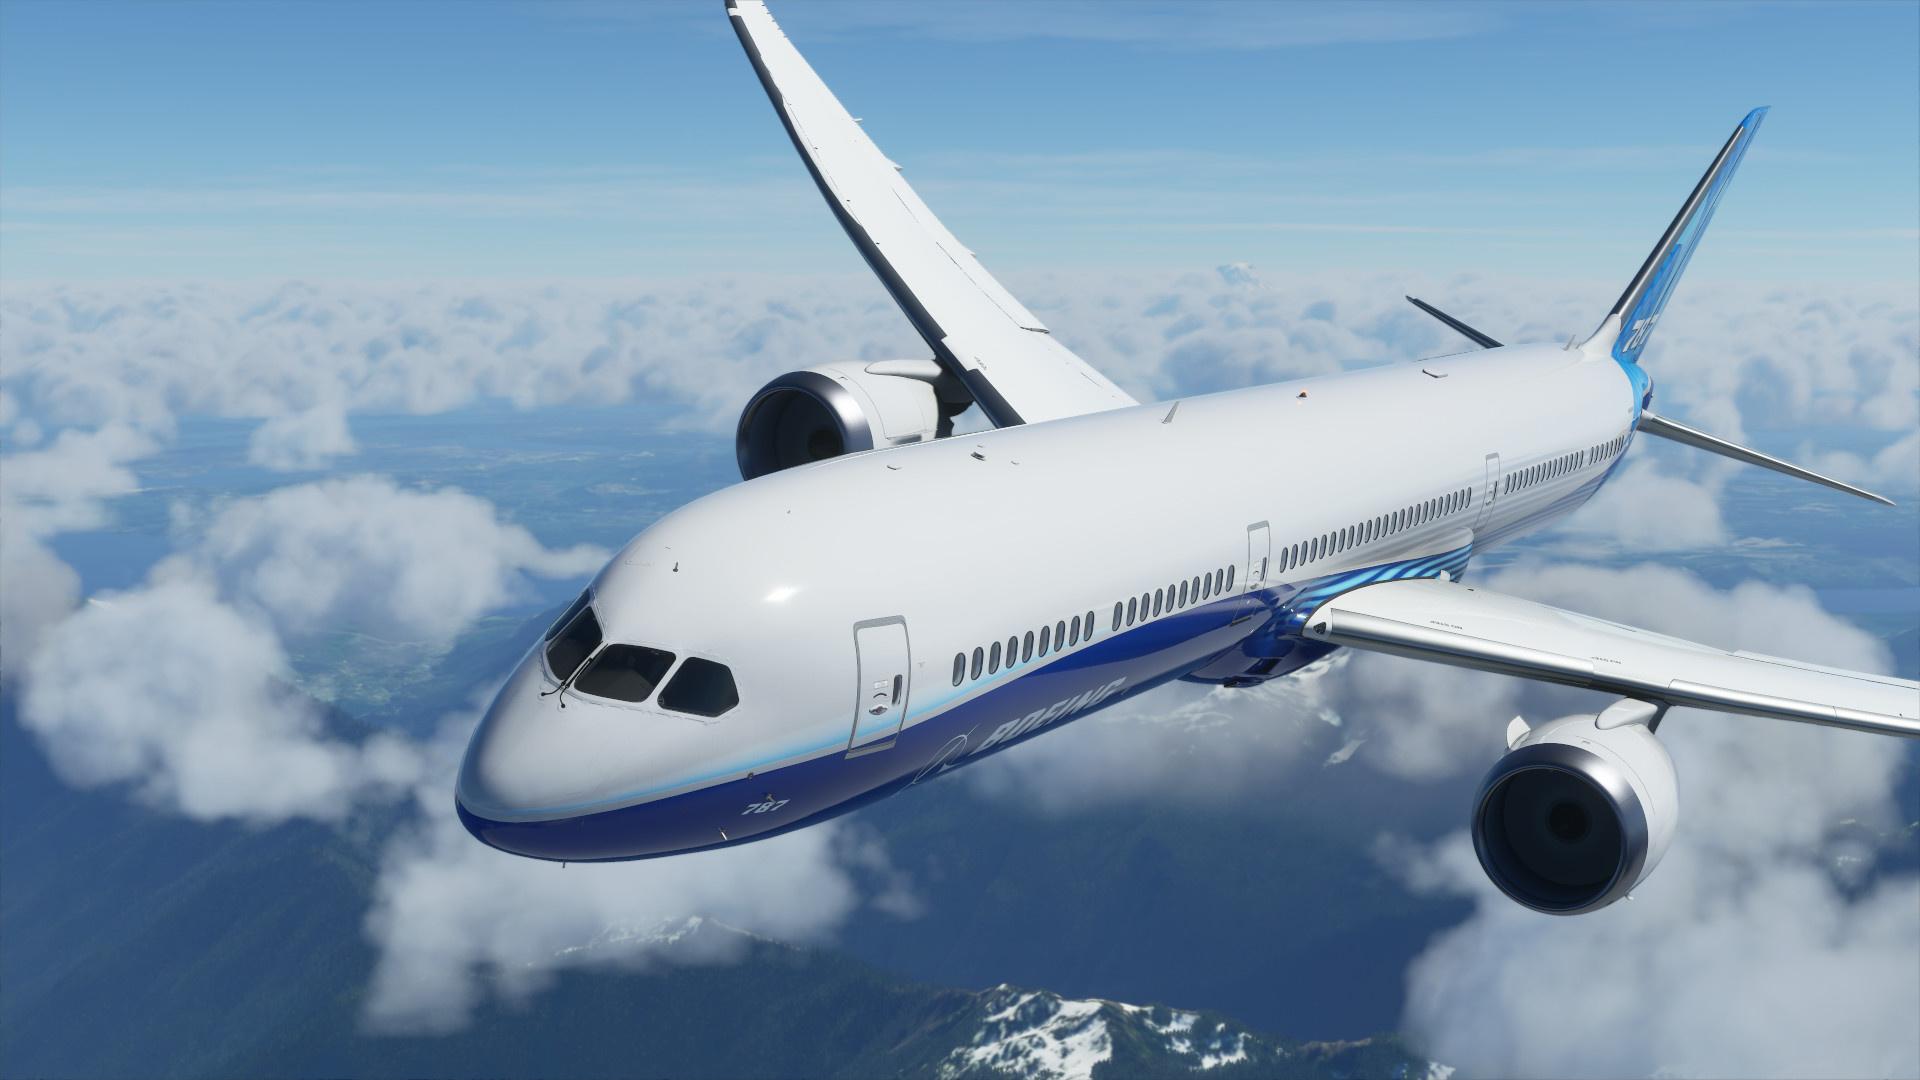 Новые подробности Microsoft Flight Simulator: поддержка VR, Steam и пострелизный контент